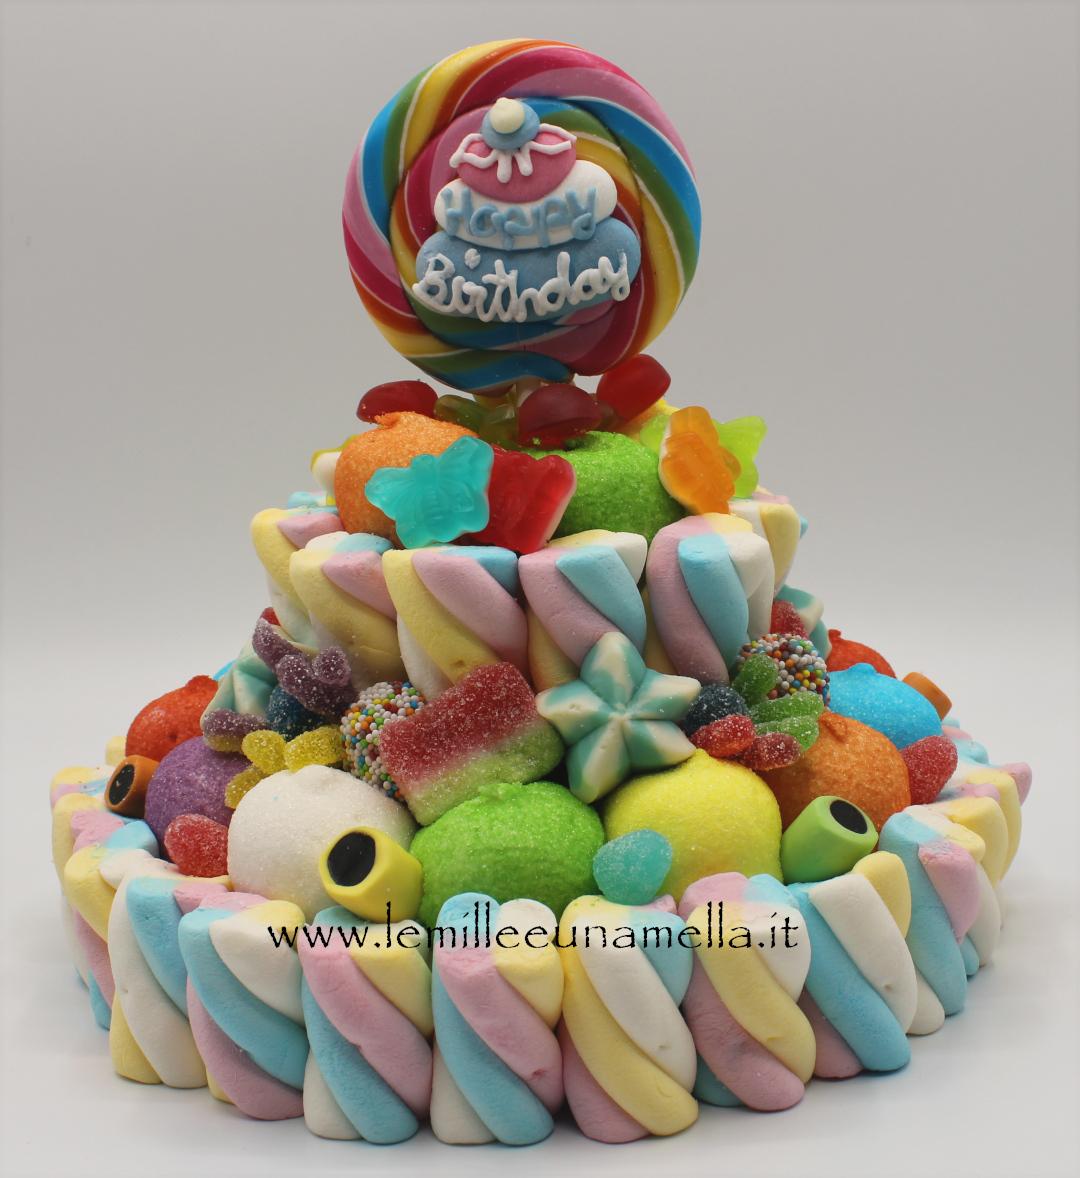 torta di caramelle gommose e marshmallow happy birthday vendita online Le Mille e una Mella